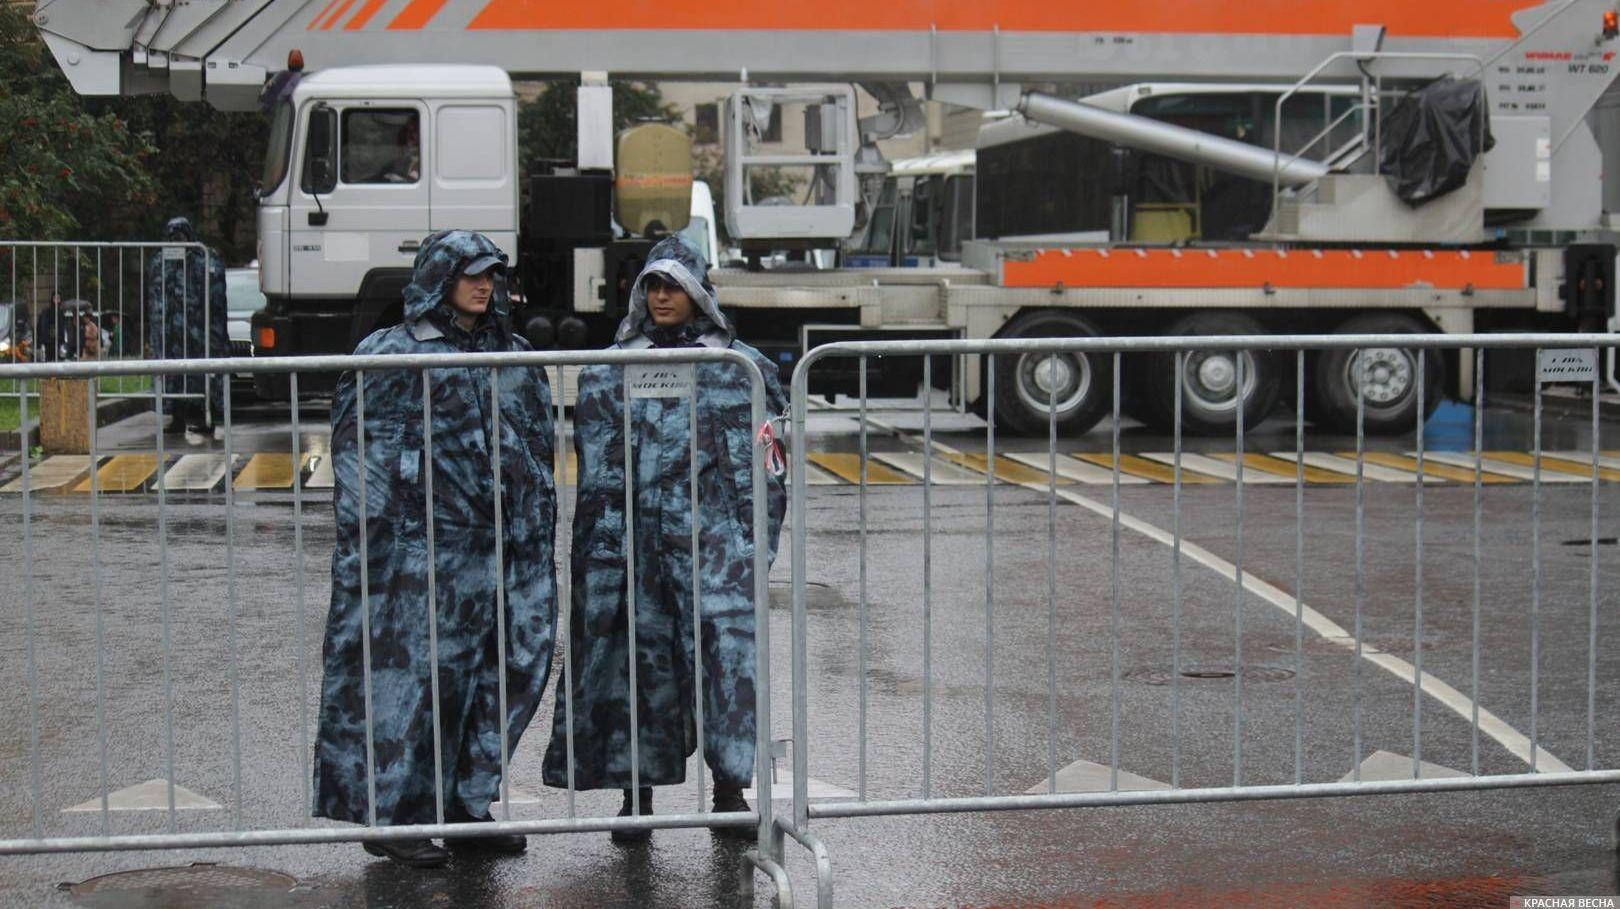 Оцепление полицией в Москве, 10.08.2019г.